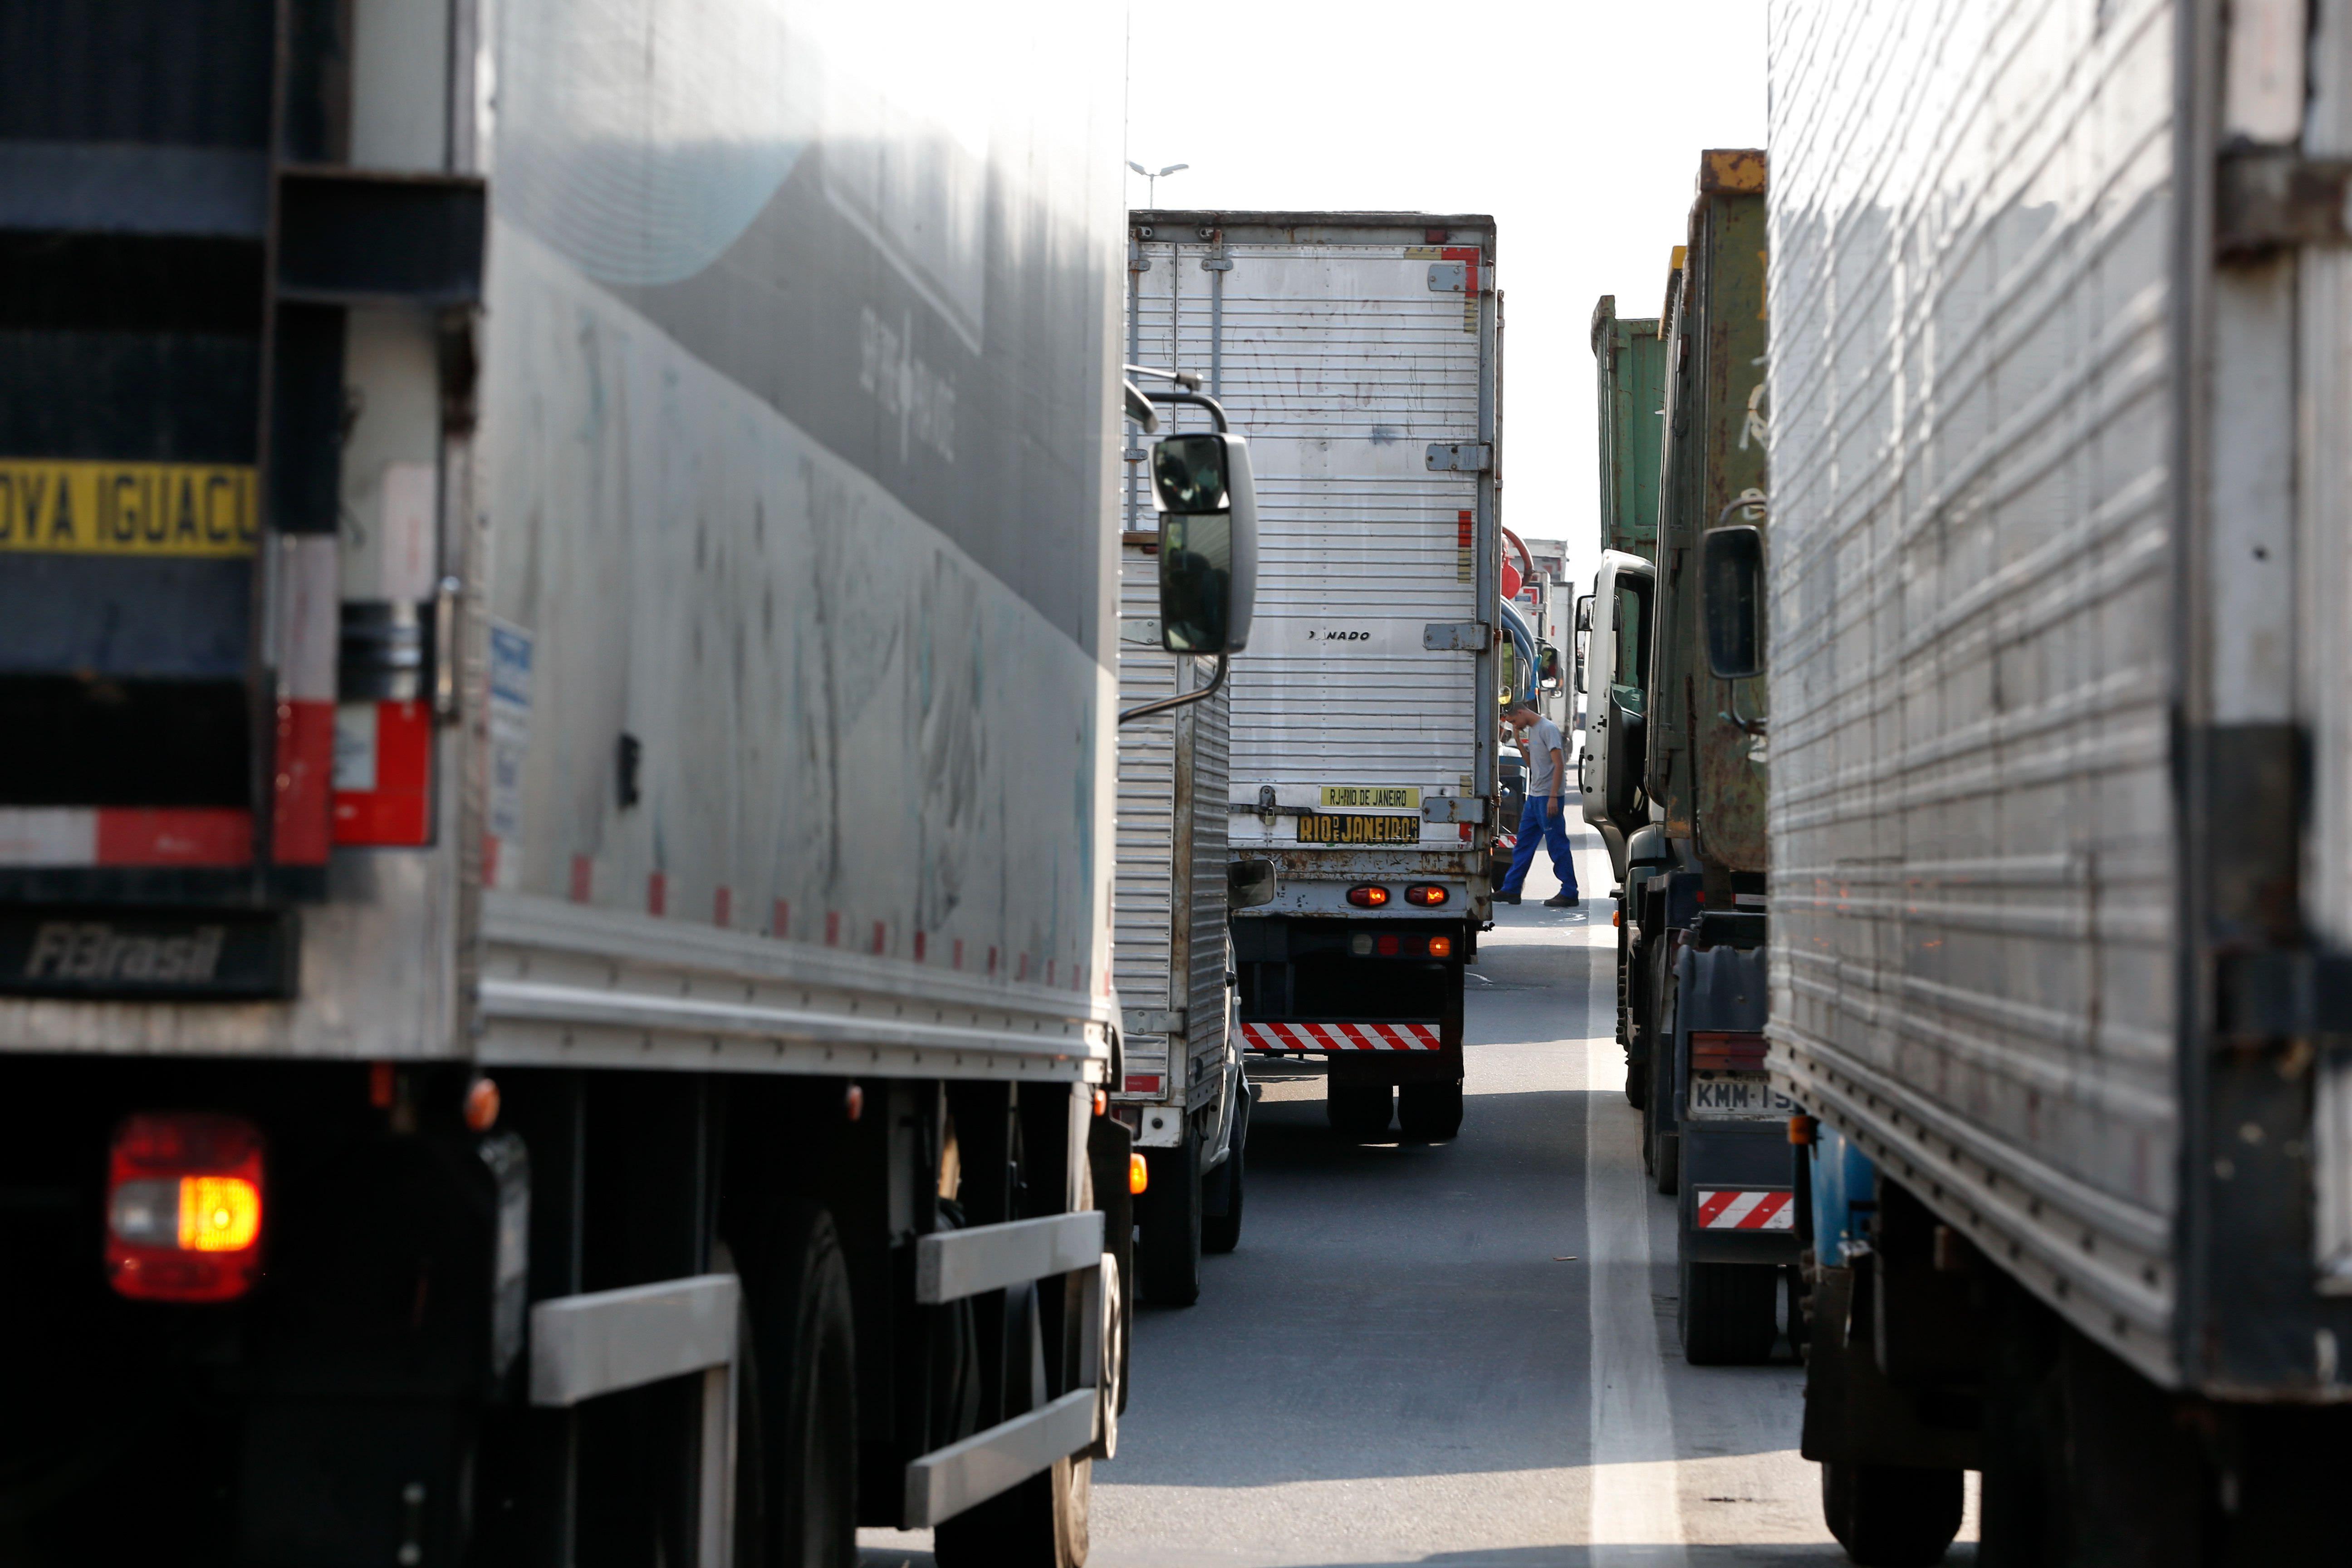 Motorista flagrado sem o exame toxicológico em dia será multado em R$ 1,4 mil